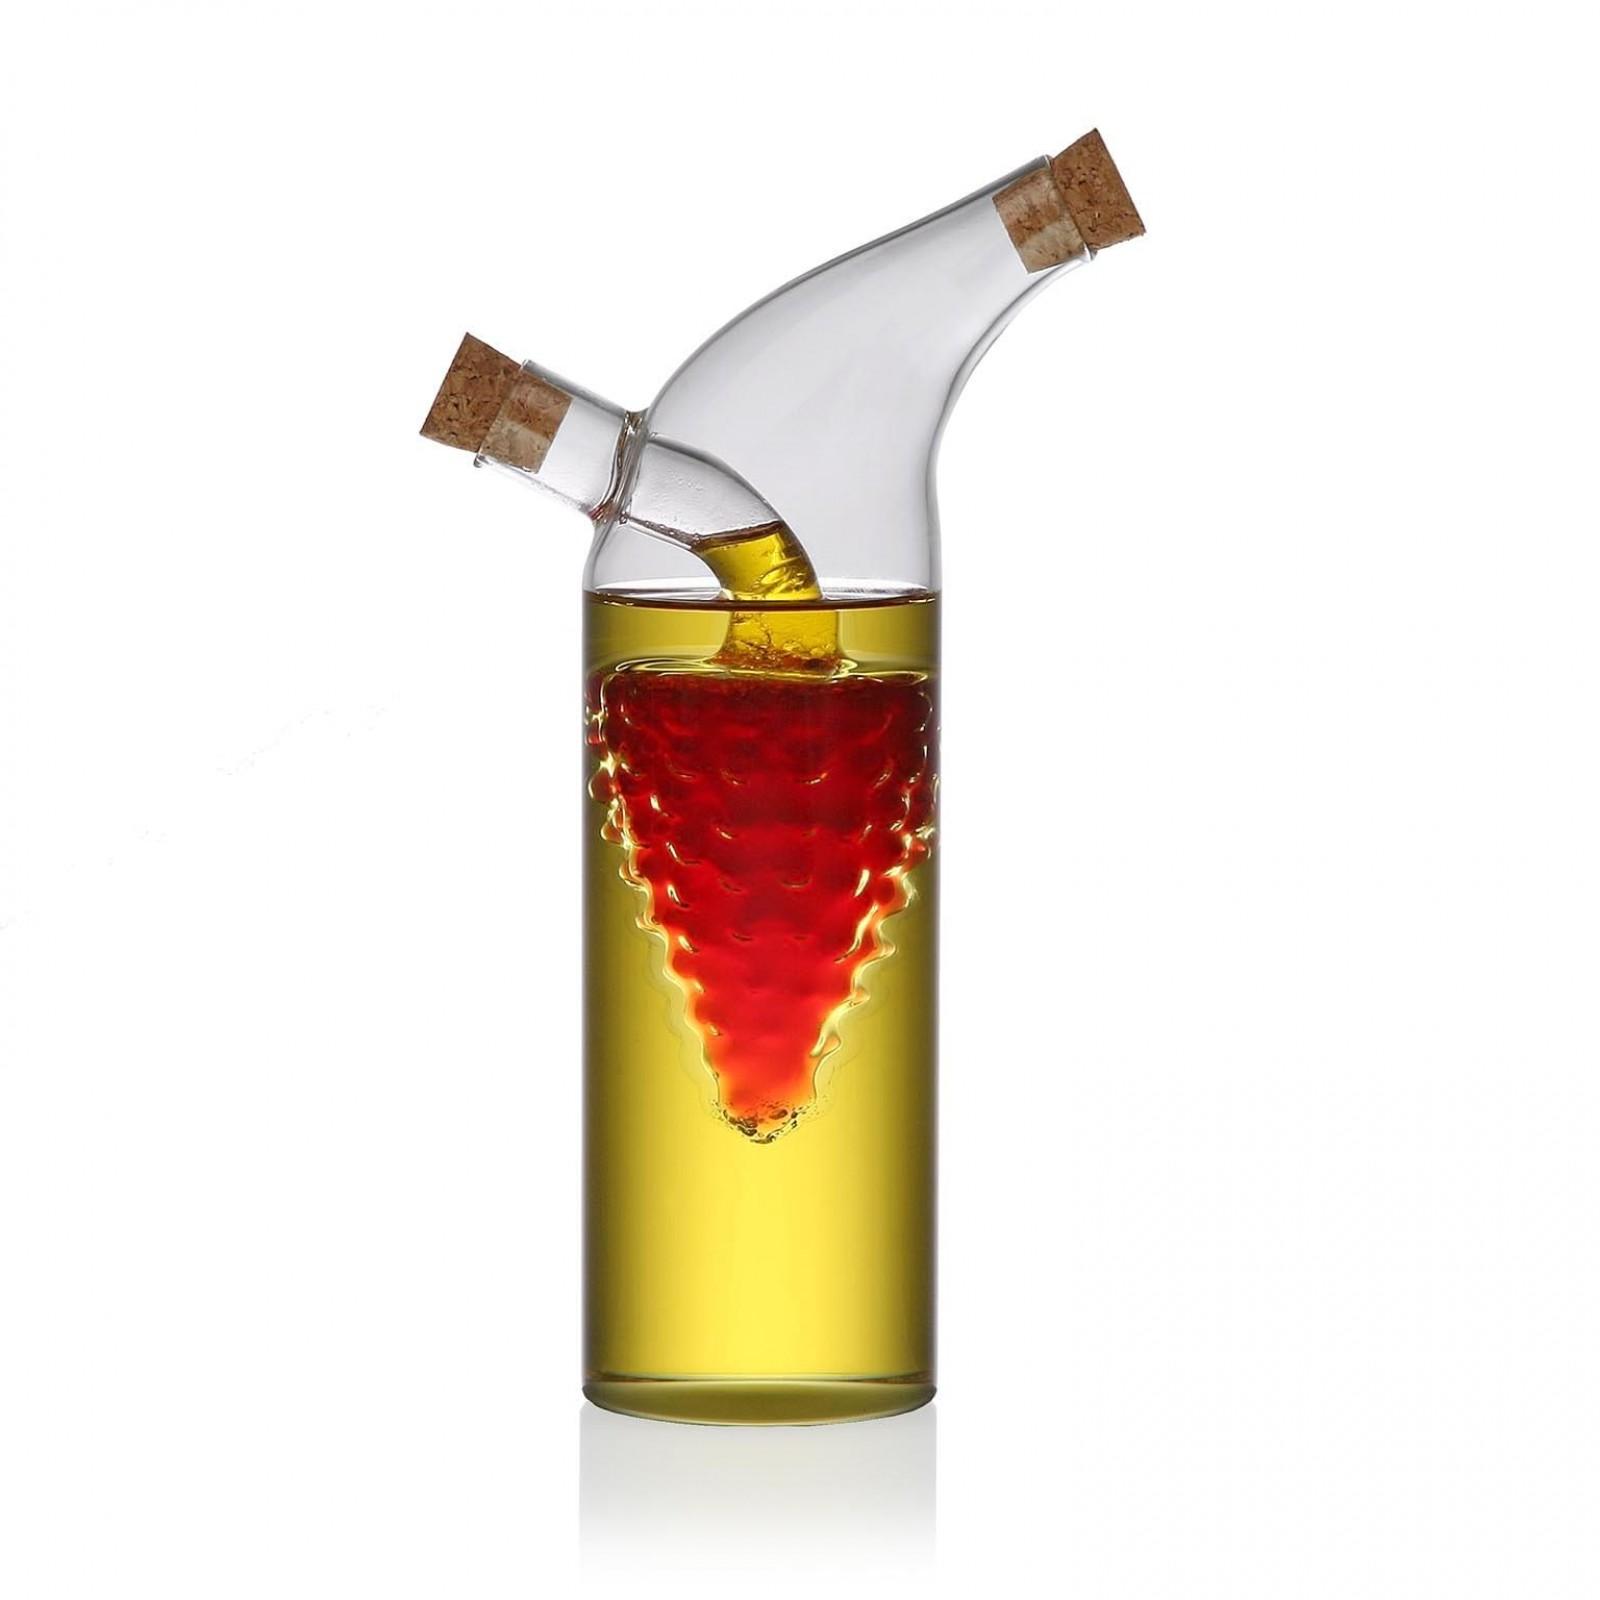 Μπουκάλι για Λάδι & Ξύδι Uva (Γυαλί) - Versa